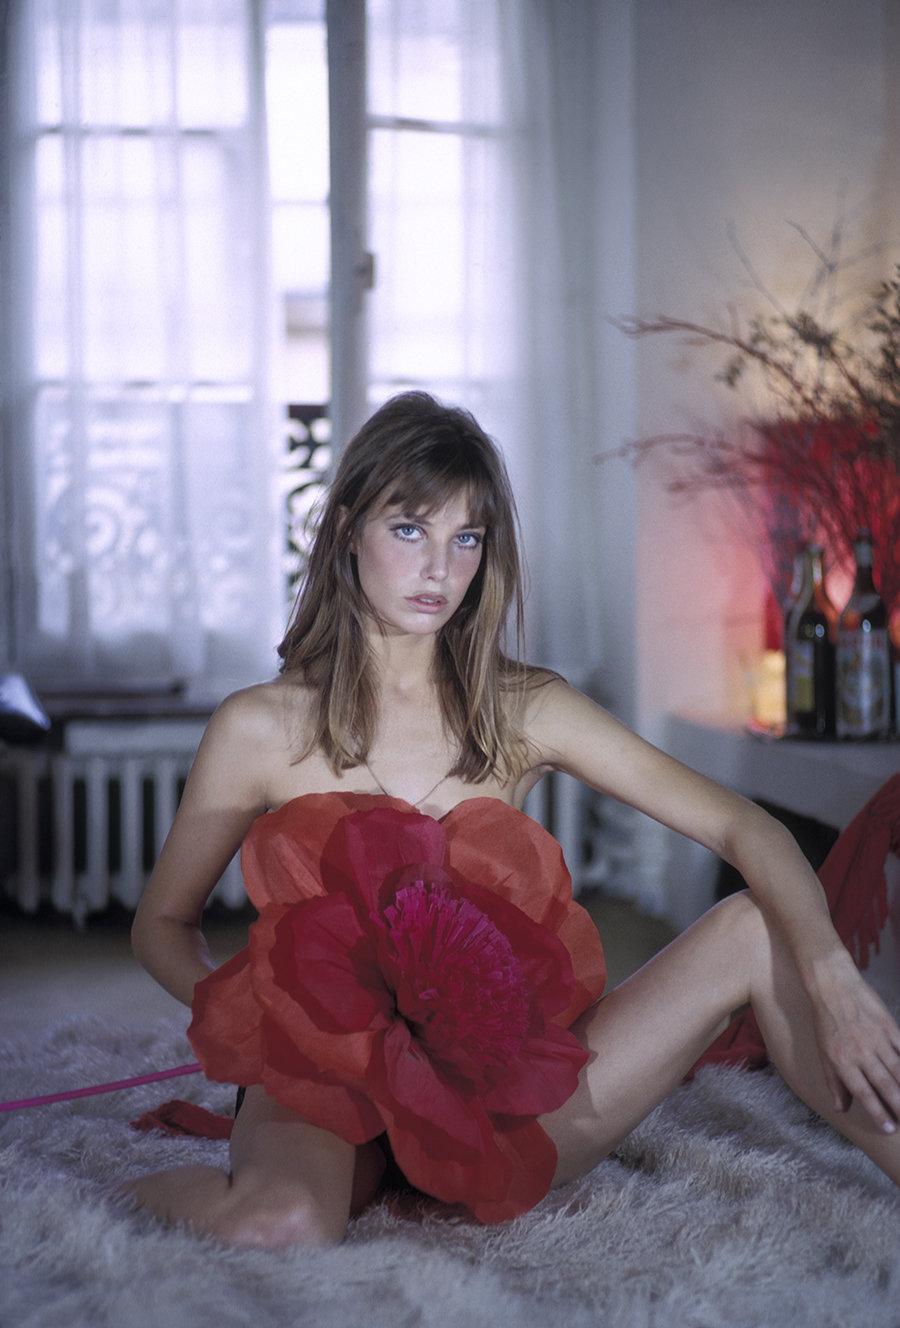 Jane Birkin by Giancarlo Botti   © Pleasurephoto